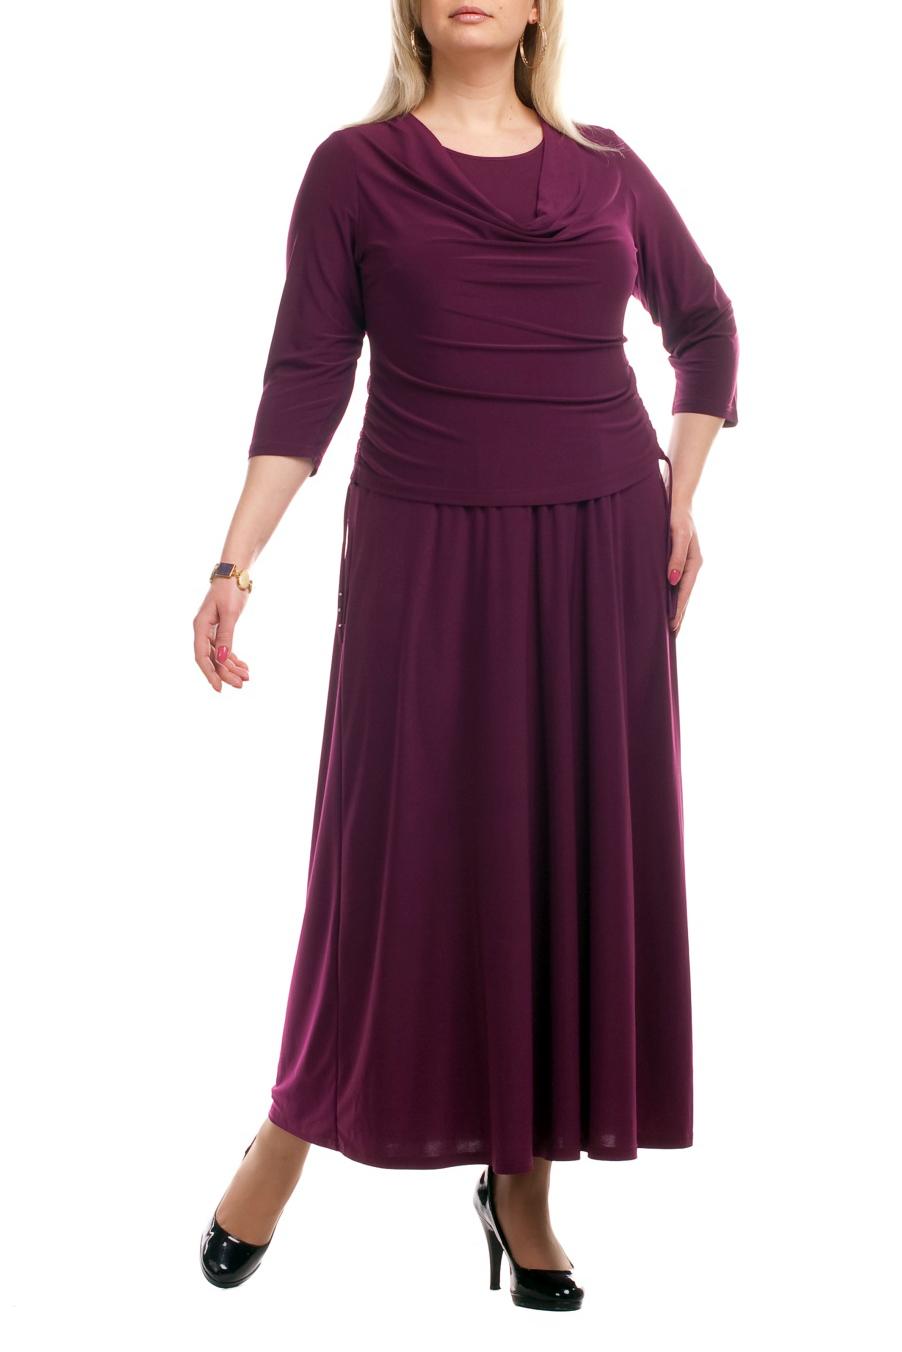 ПлатьеПлатья<br>Великолепное платье с небольшой драпировкой. Модель выполнена из струящегося трикотажа. Отличный выбор для любого торжества.  Цвет: фиолетовый  Рост девушки-фотомодели 173 см<br><br>Горловина: Качель,С- горловина<br>По длине: Макси<br>По материалу: Трикотаж<br>По рисунку: Однотонные<br>По сезону: Весна,Всесезон,Зима,Лето,Осень<br>По силуэту: Полуприталенные<br>По стилю: Нарядный стиль,Повседневный стиль<br>По форме: Платье - трапеция<br>По элементам: Со складками,С декором<br>Рукав: Рукав три четверти<br>Размер : 66<br>Материал: Холодное масло<br>Количество в наличии: 1